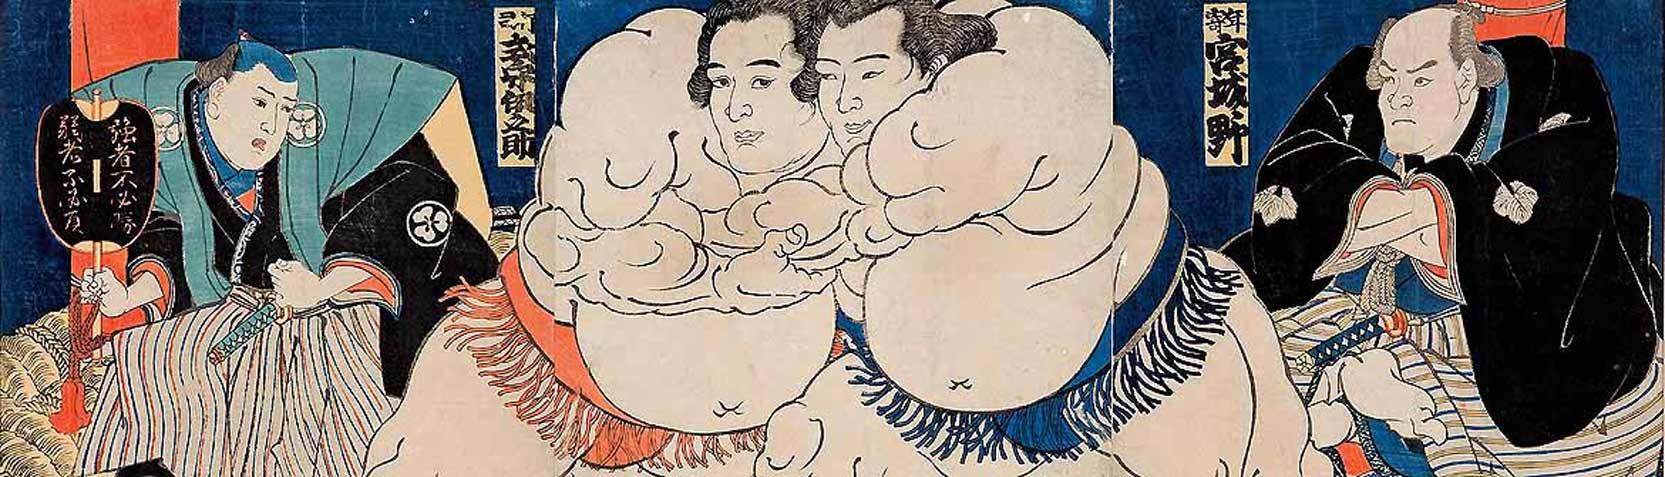 Künstler - Utagawa Kuniyoshi